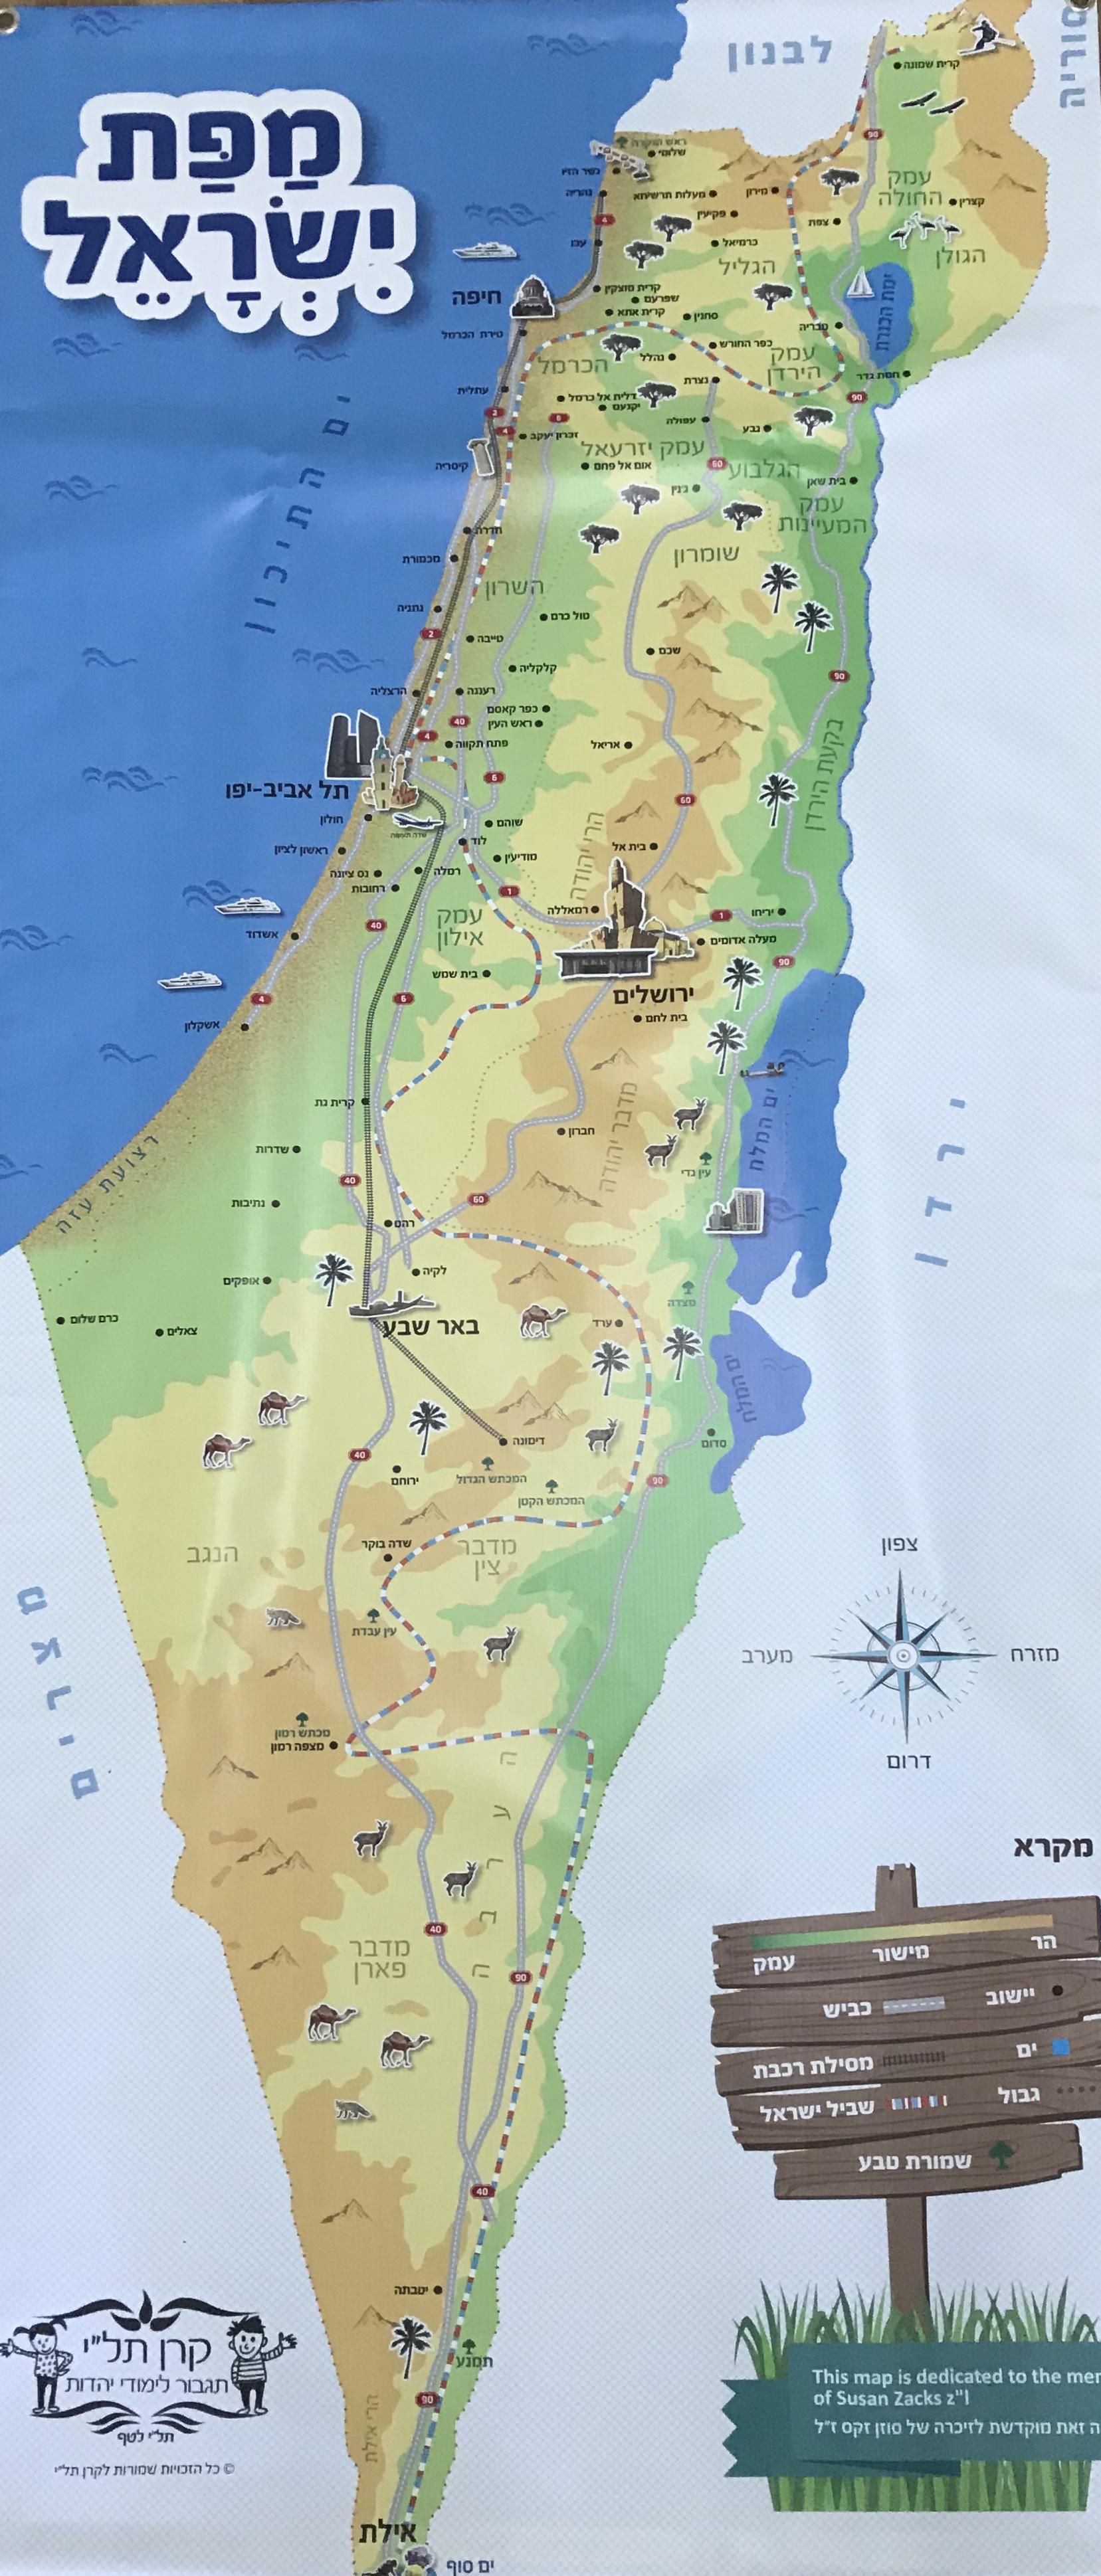 נפלאות ערכת מפת ישראל (מפה, חוברת פעילויות וספרון 'מהי ארץ ישראל') - קרן XO-53